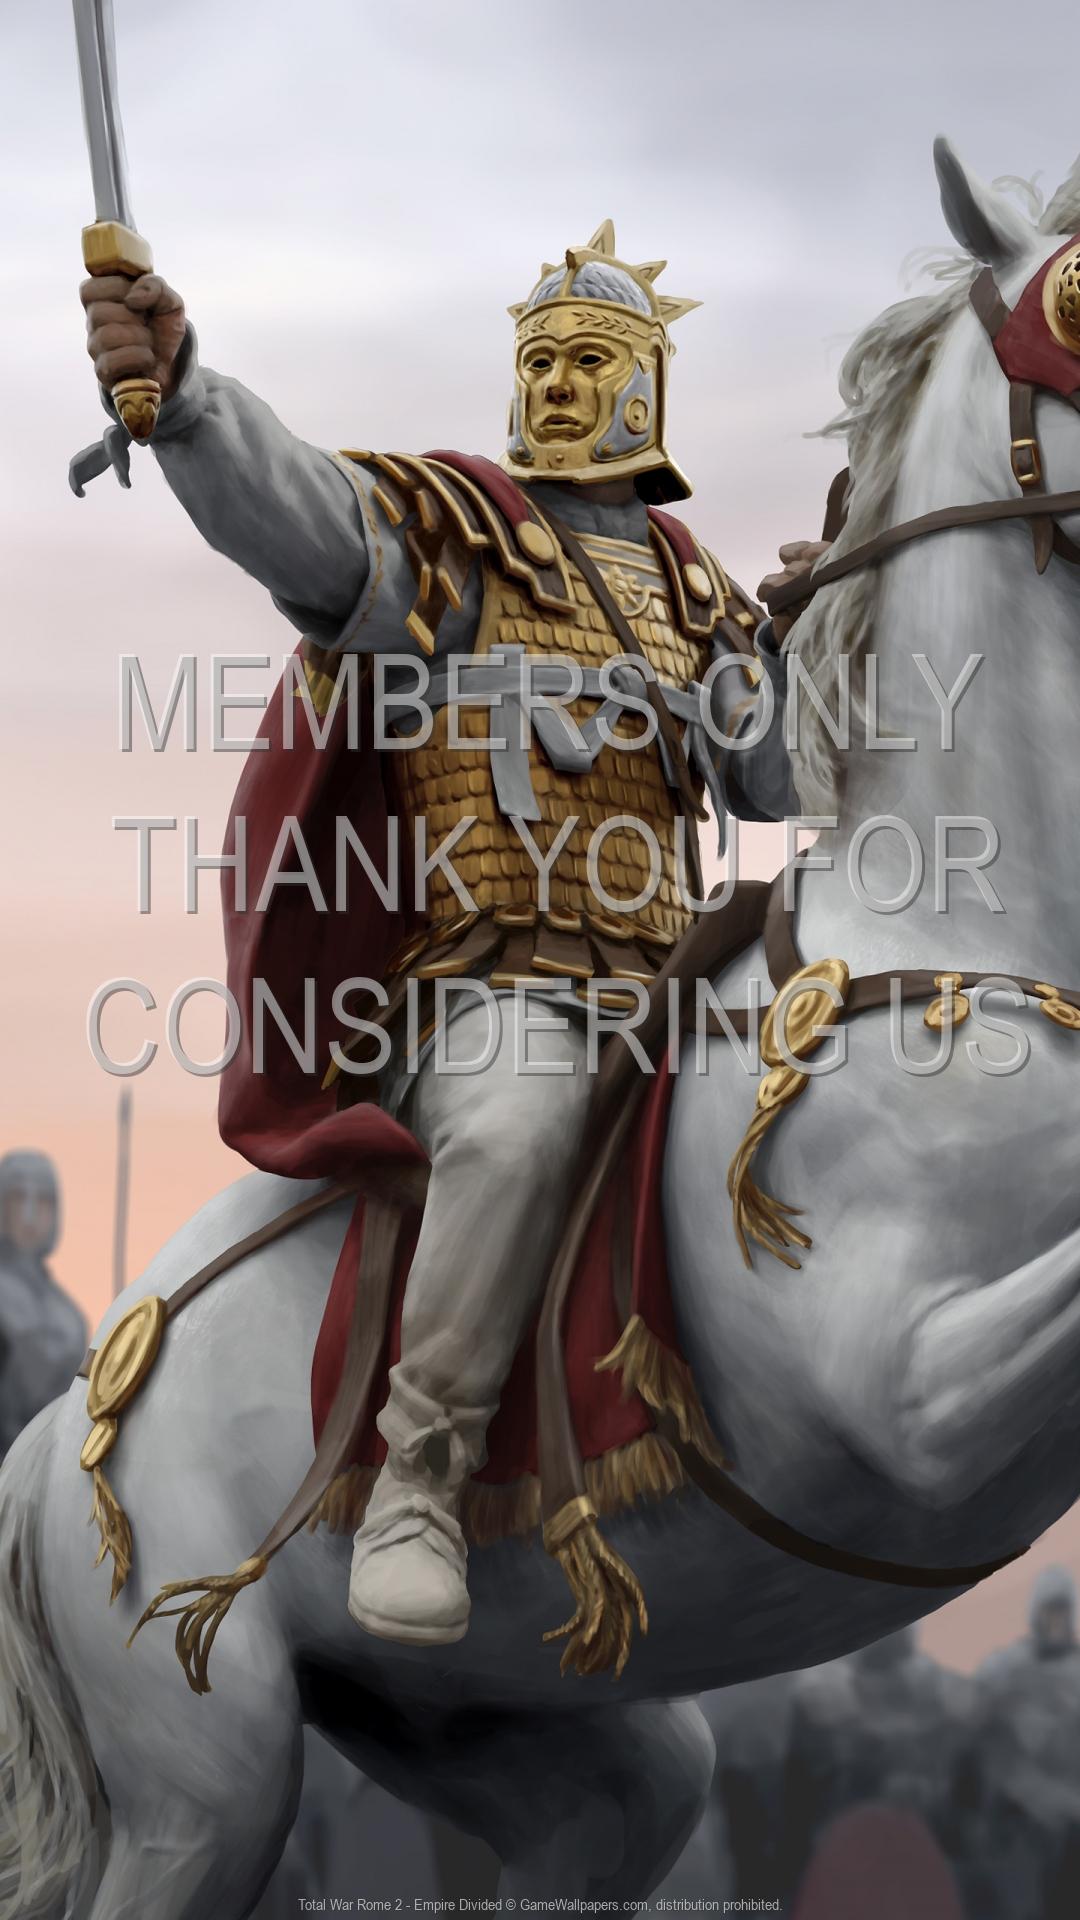 Total War: Rome 2 - Empire Divided 1920x1080 Mobile fond d'écran 02